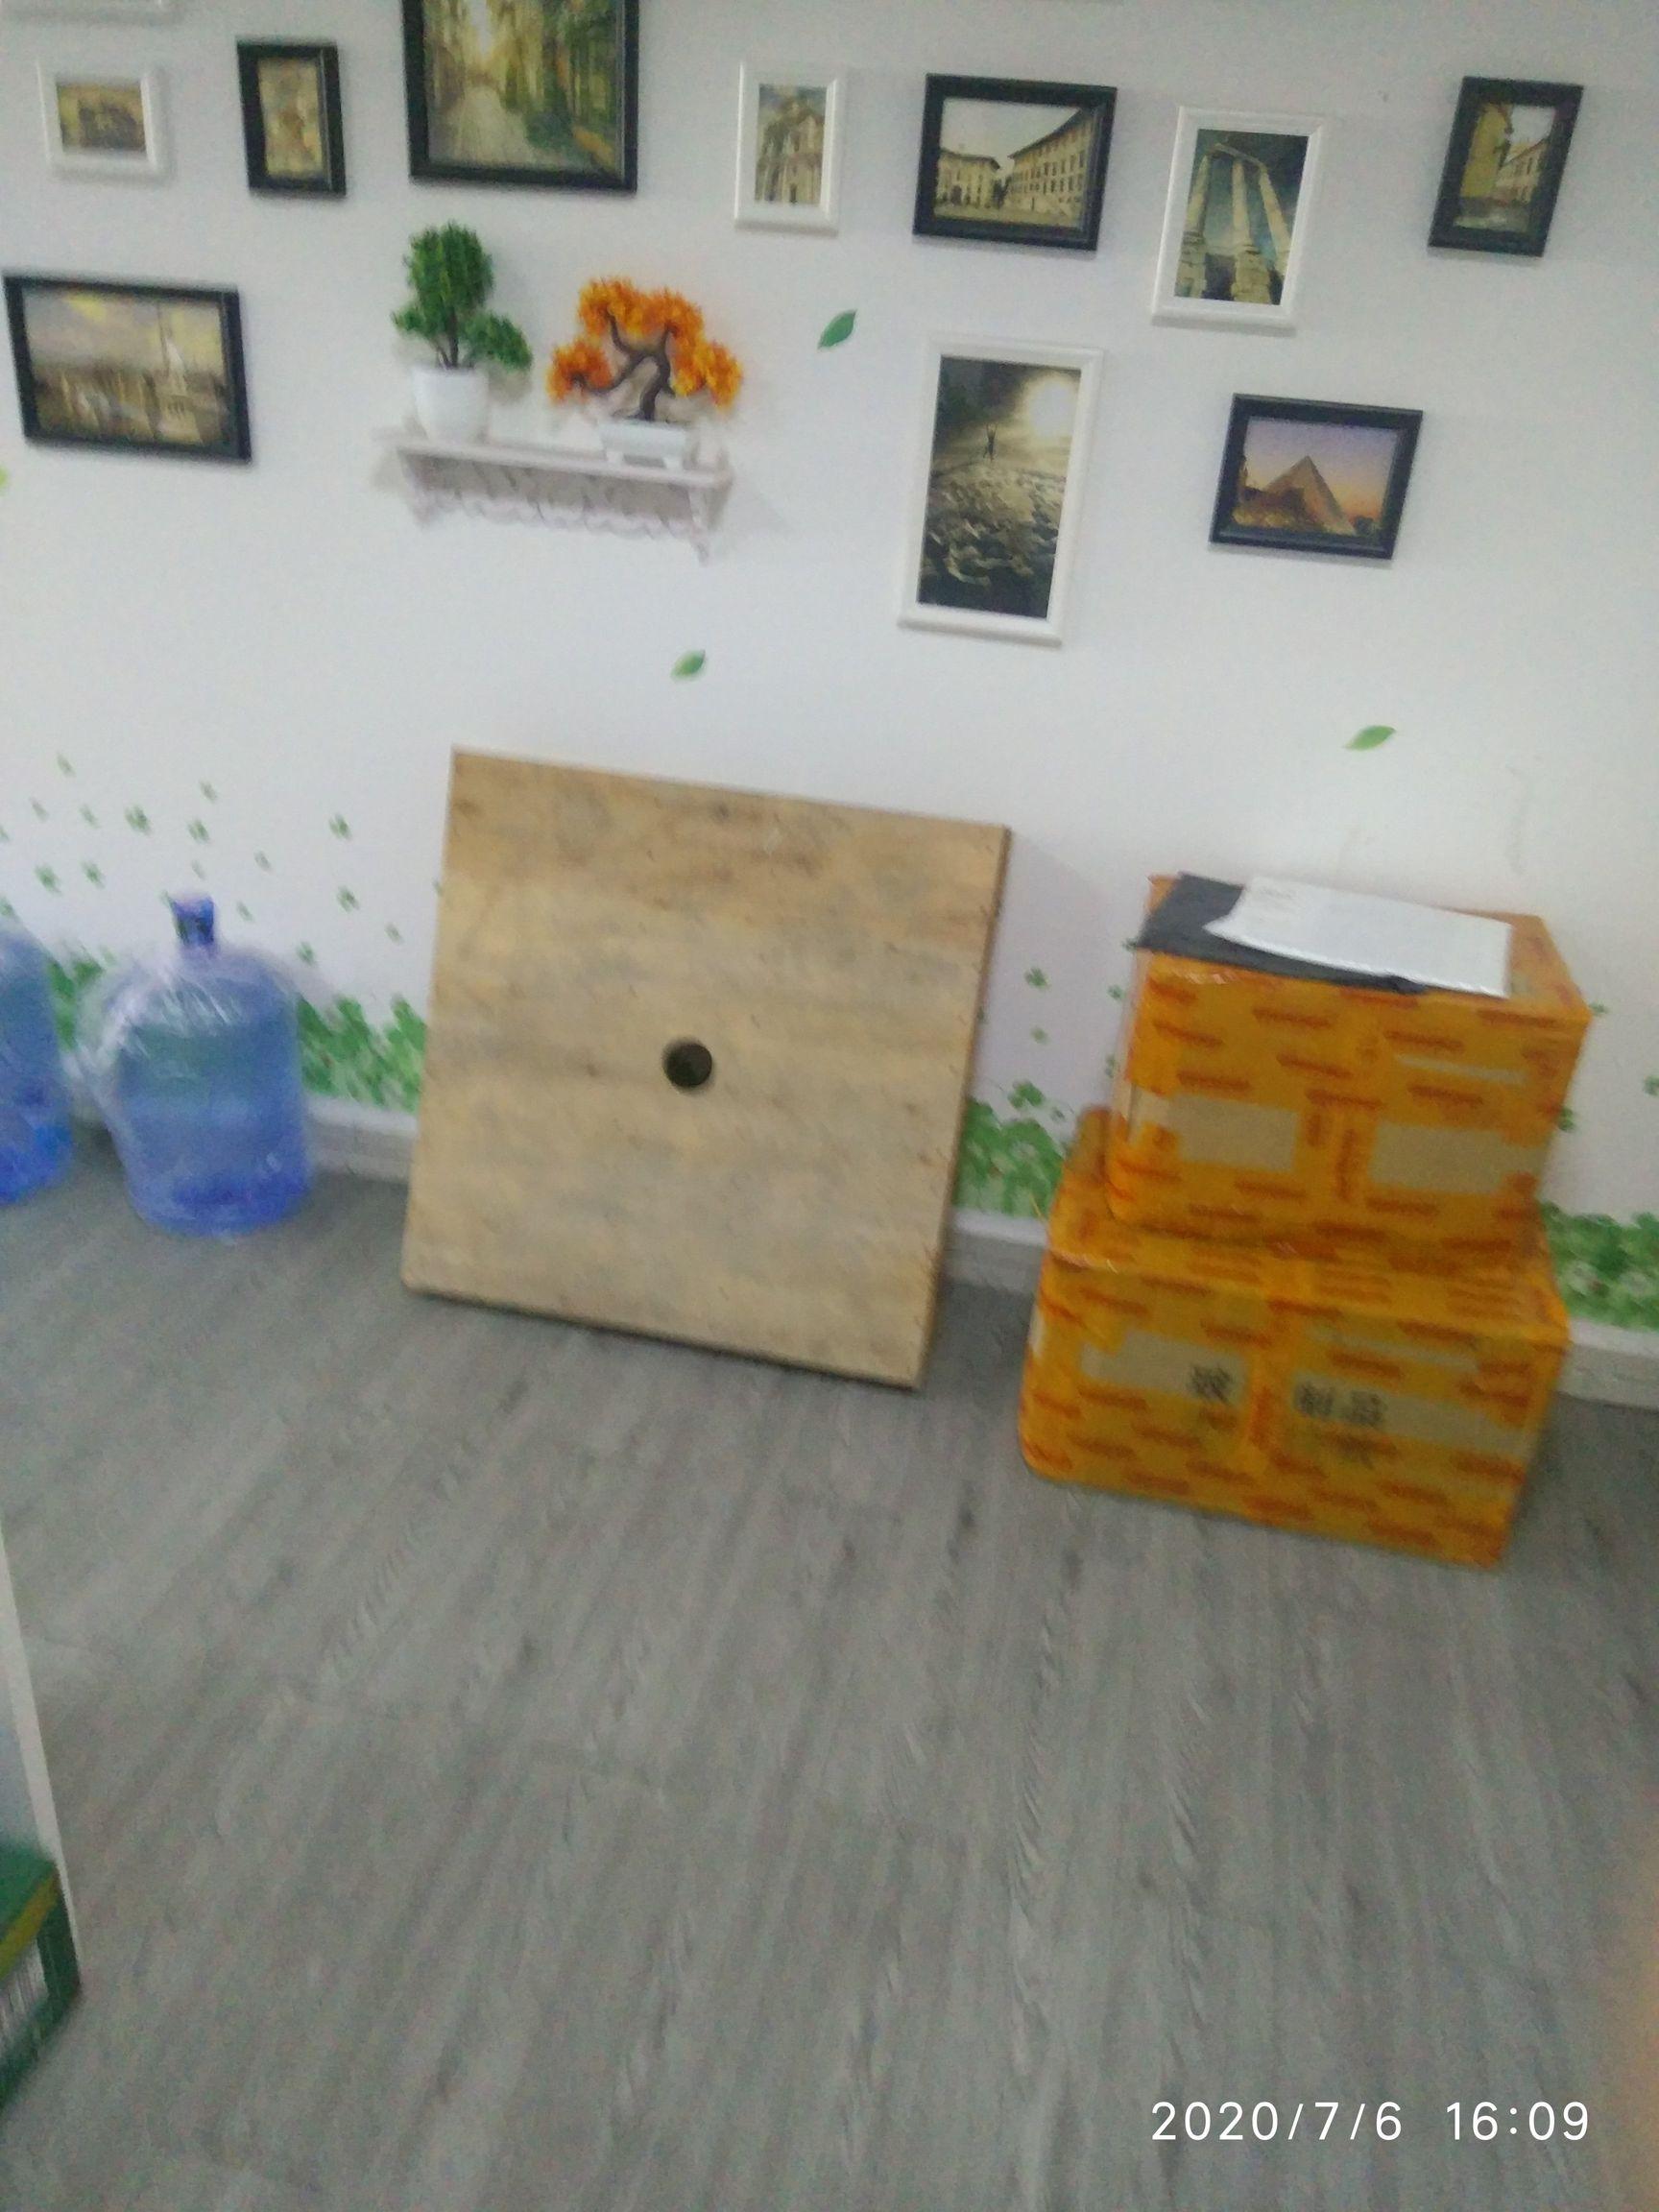 苏州相城松木木托盘厂家,◤のゅ︾松木木托盘厂家,∶ぃ㏼硬木木托盘